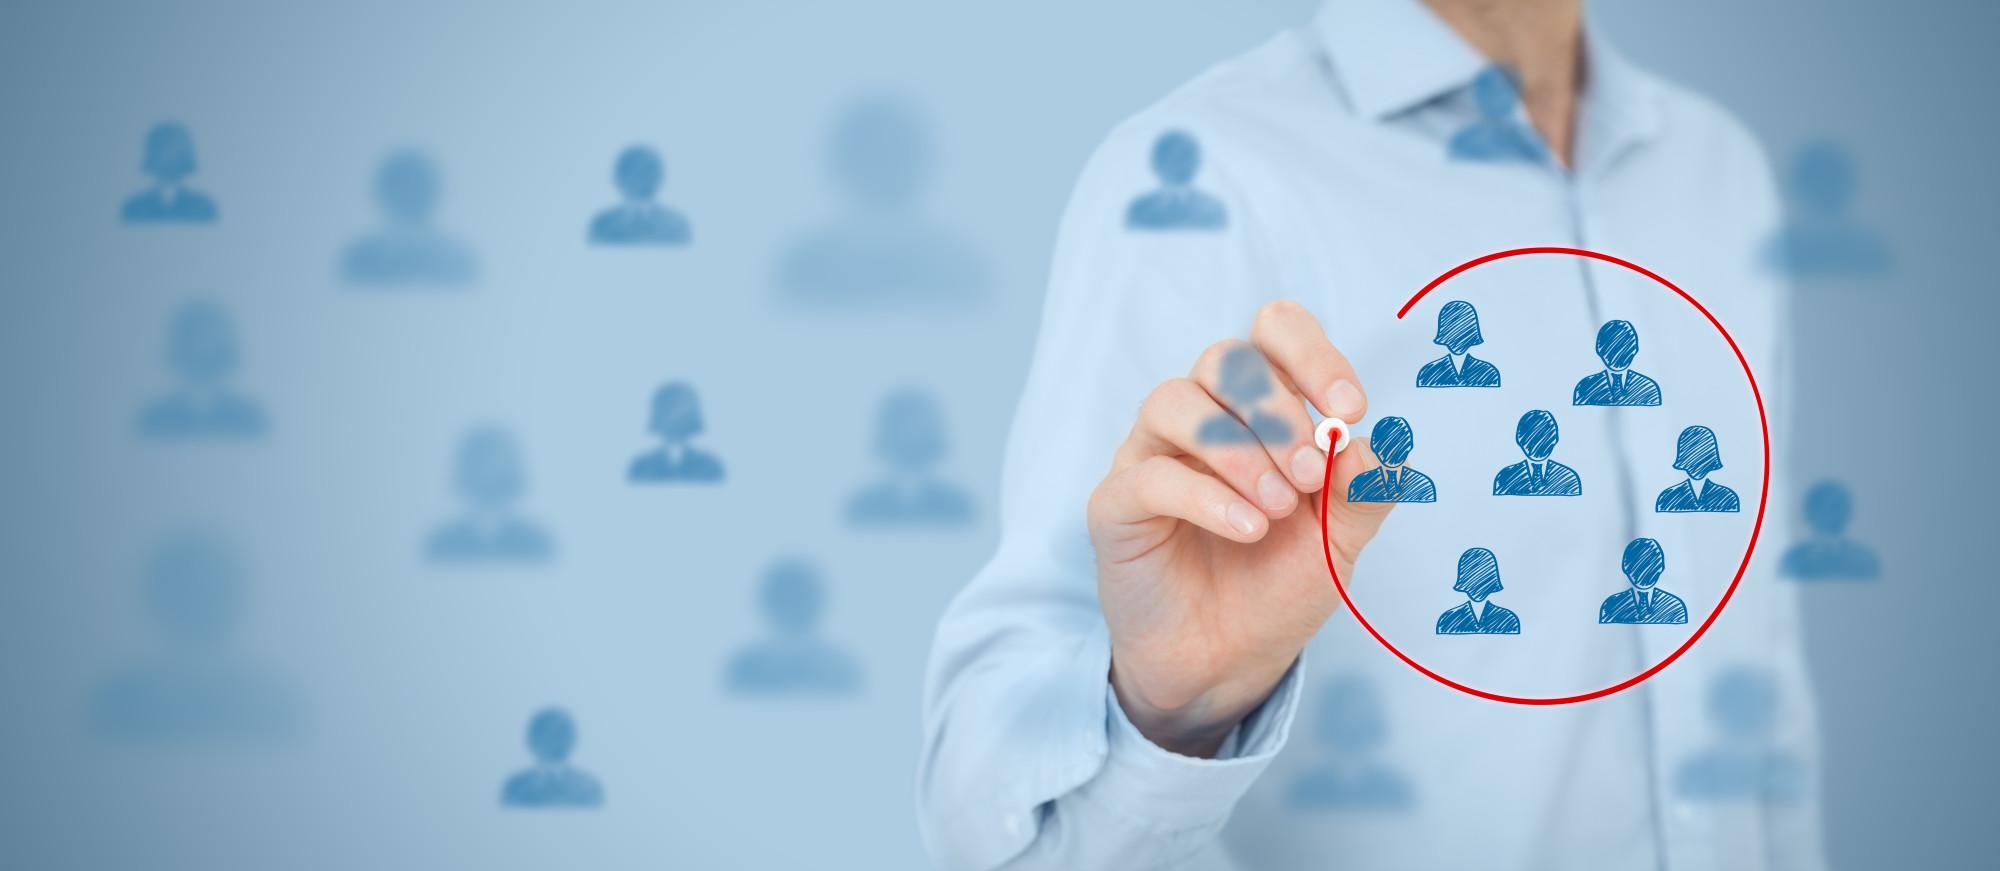 13 passaggi per principianti per la commercializzazione della tua nuova attività online